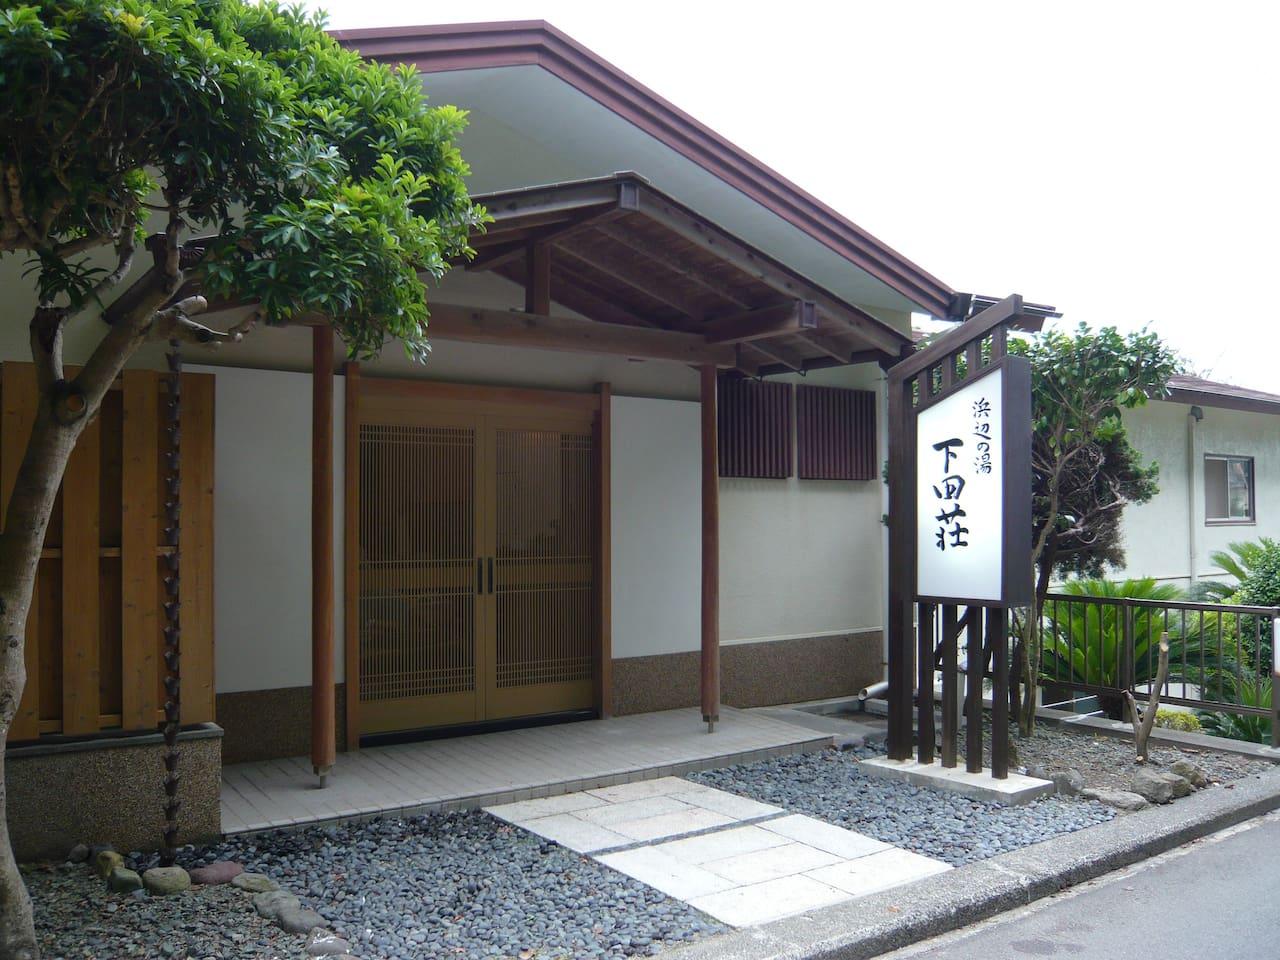 日本風の落ち着いた玄関